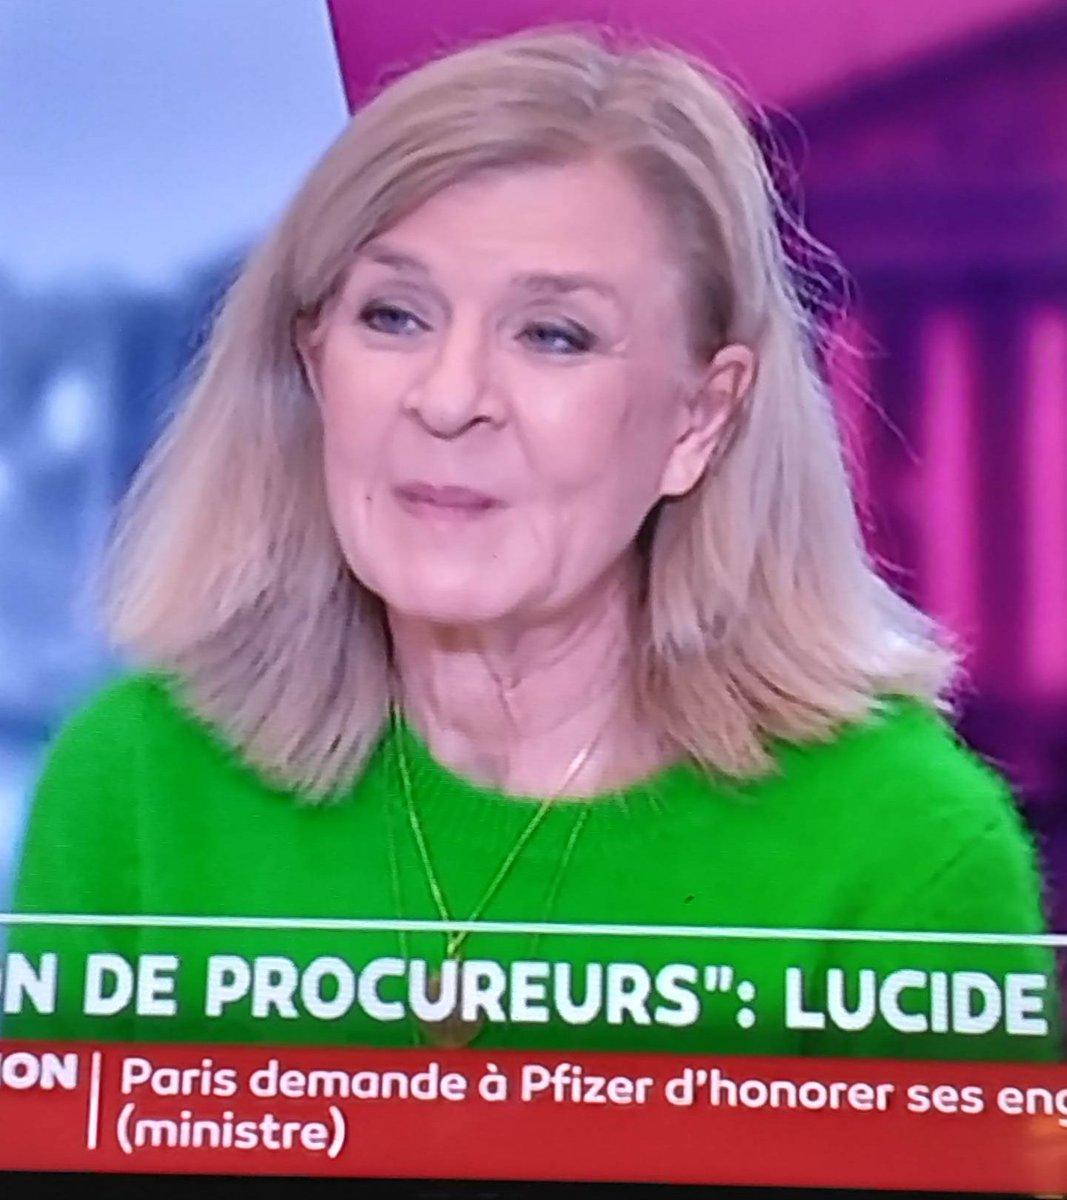 Le pire pull de l'histoire de la télé #VirginieLeguay couleur de merde 💀 #fashionstyle  #mode  bon goût  🤮